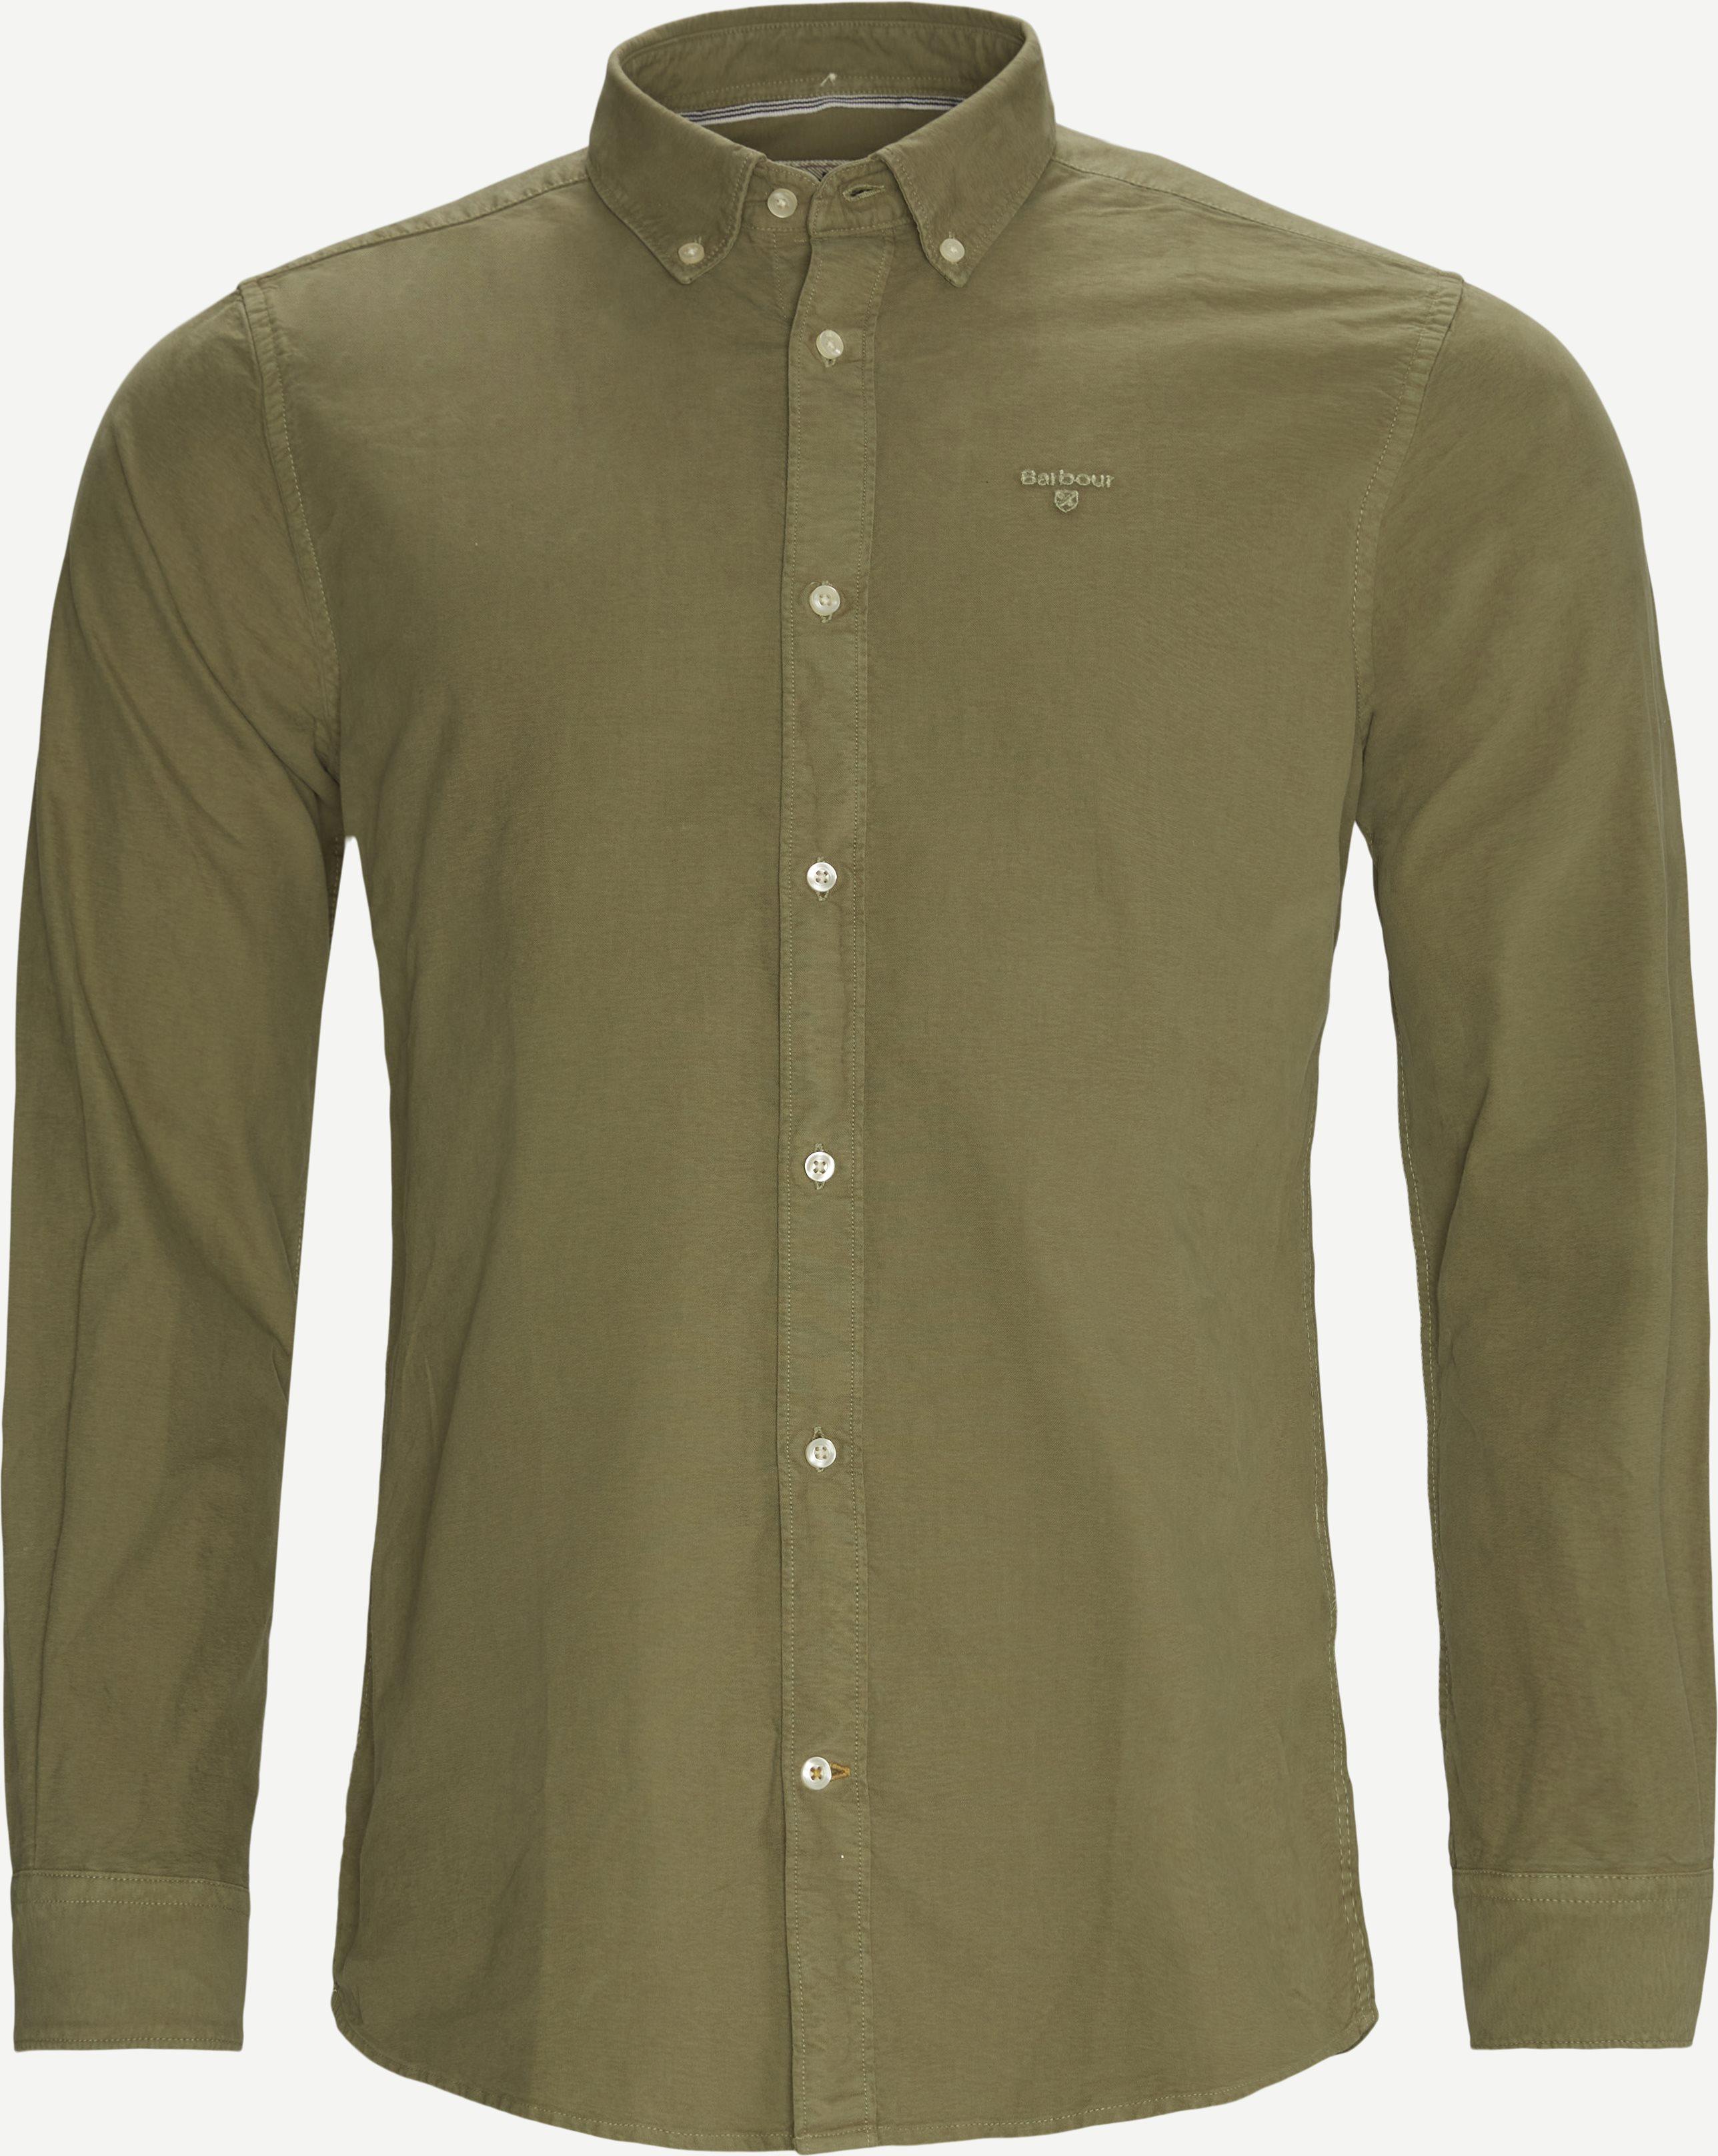 Hemden - Tailored fit - Grün